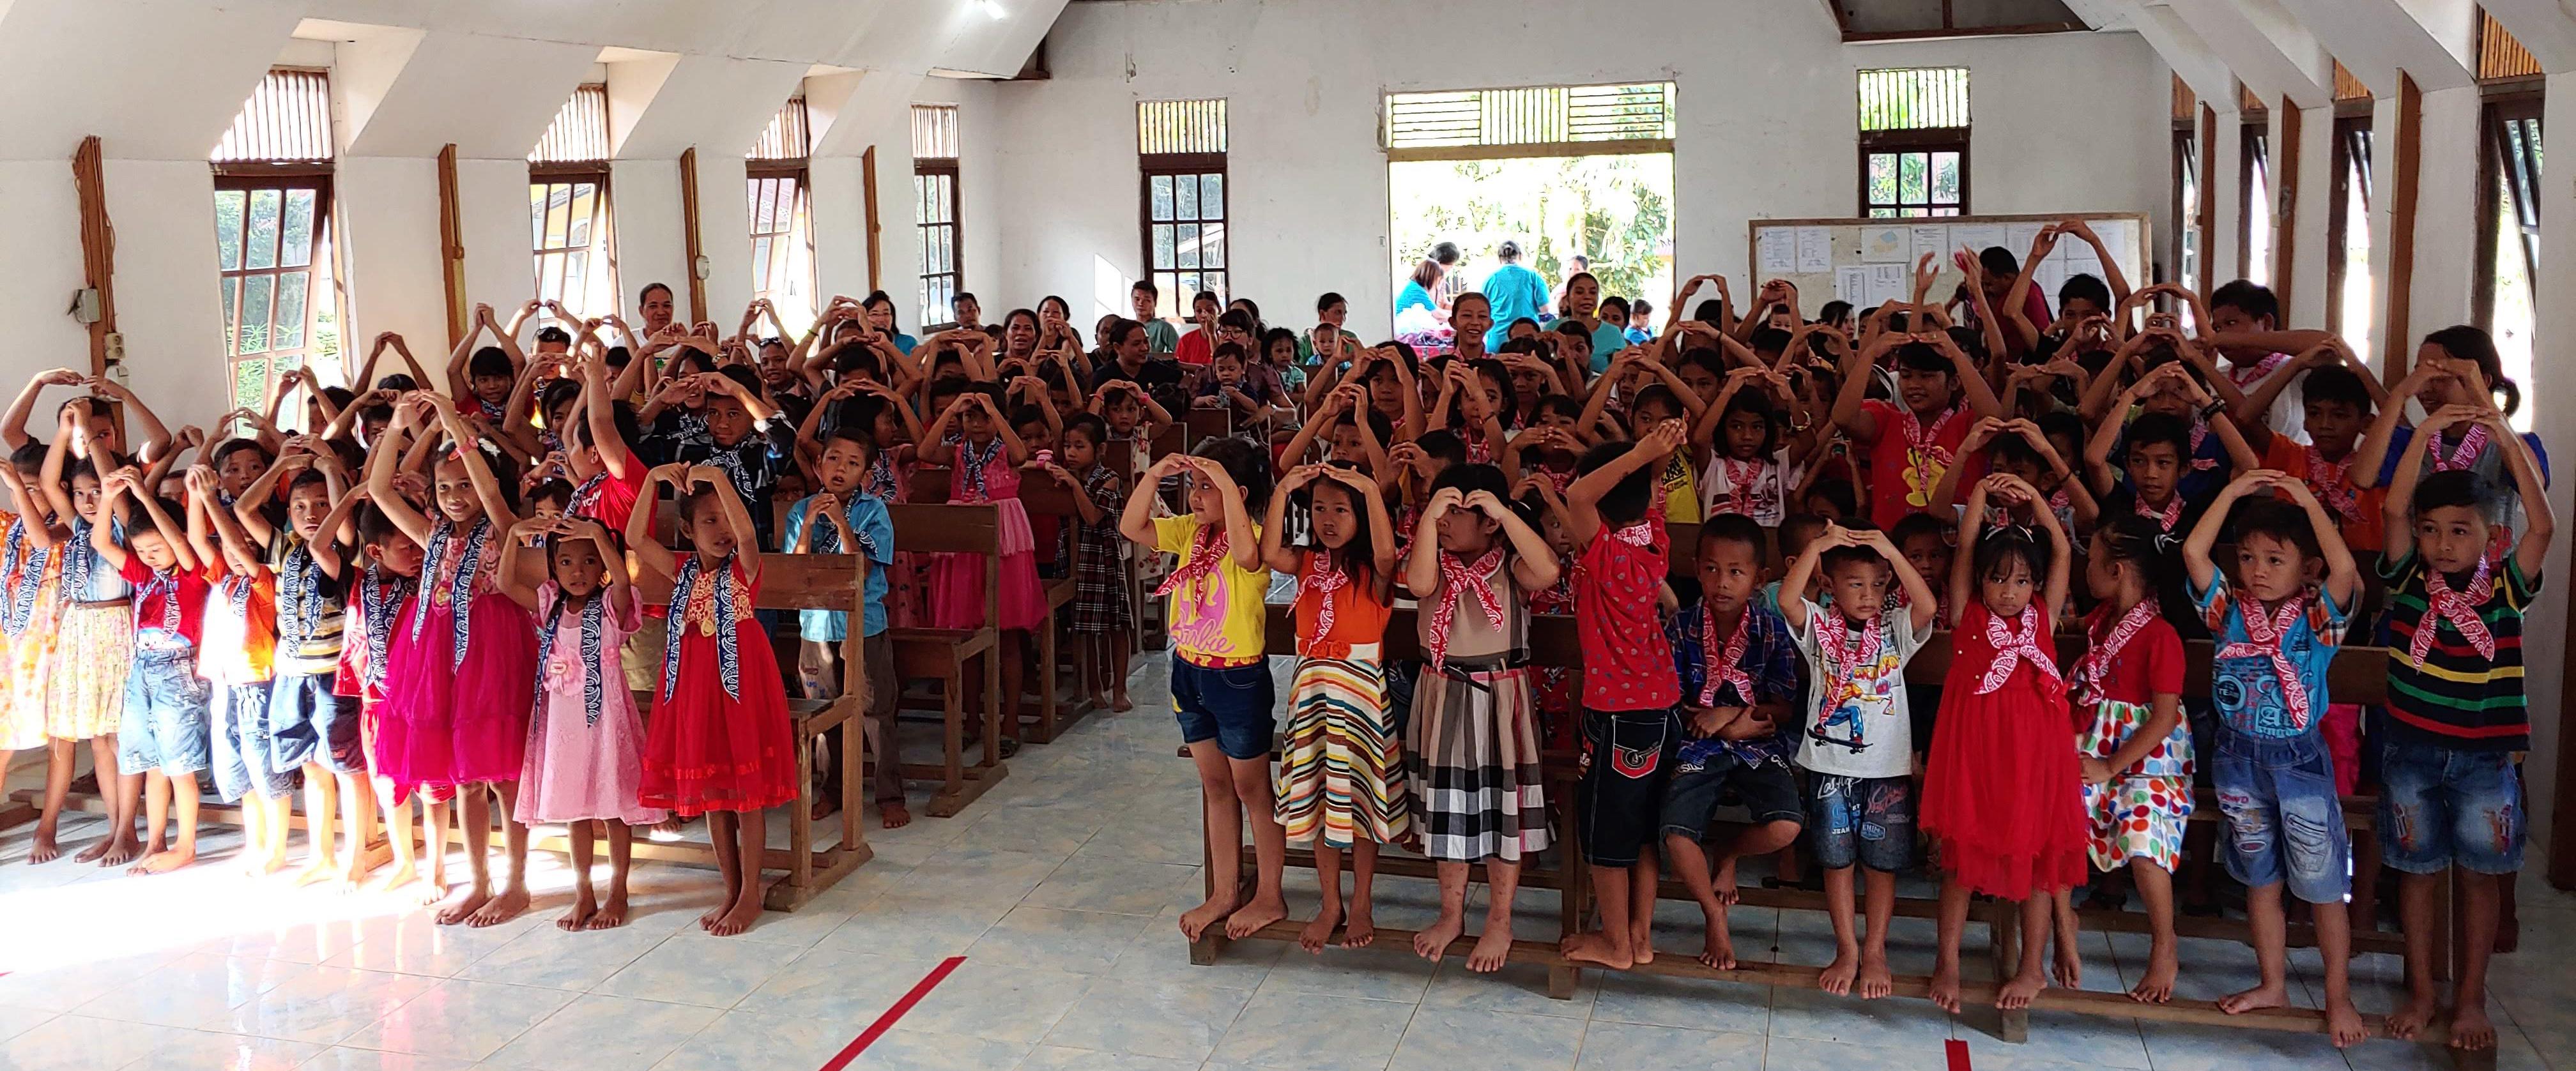 세상으로부터 부름받은 하나님의 백성, 예수 그리스도의 사랑을 열방에 전하다